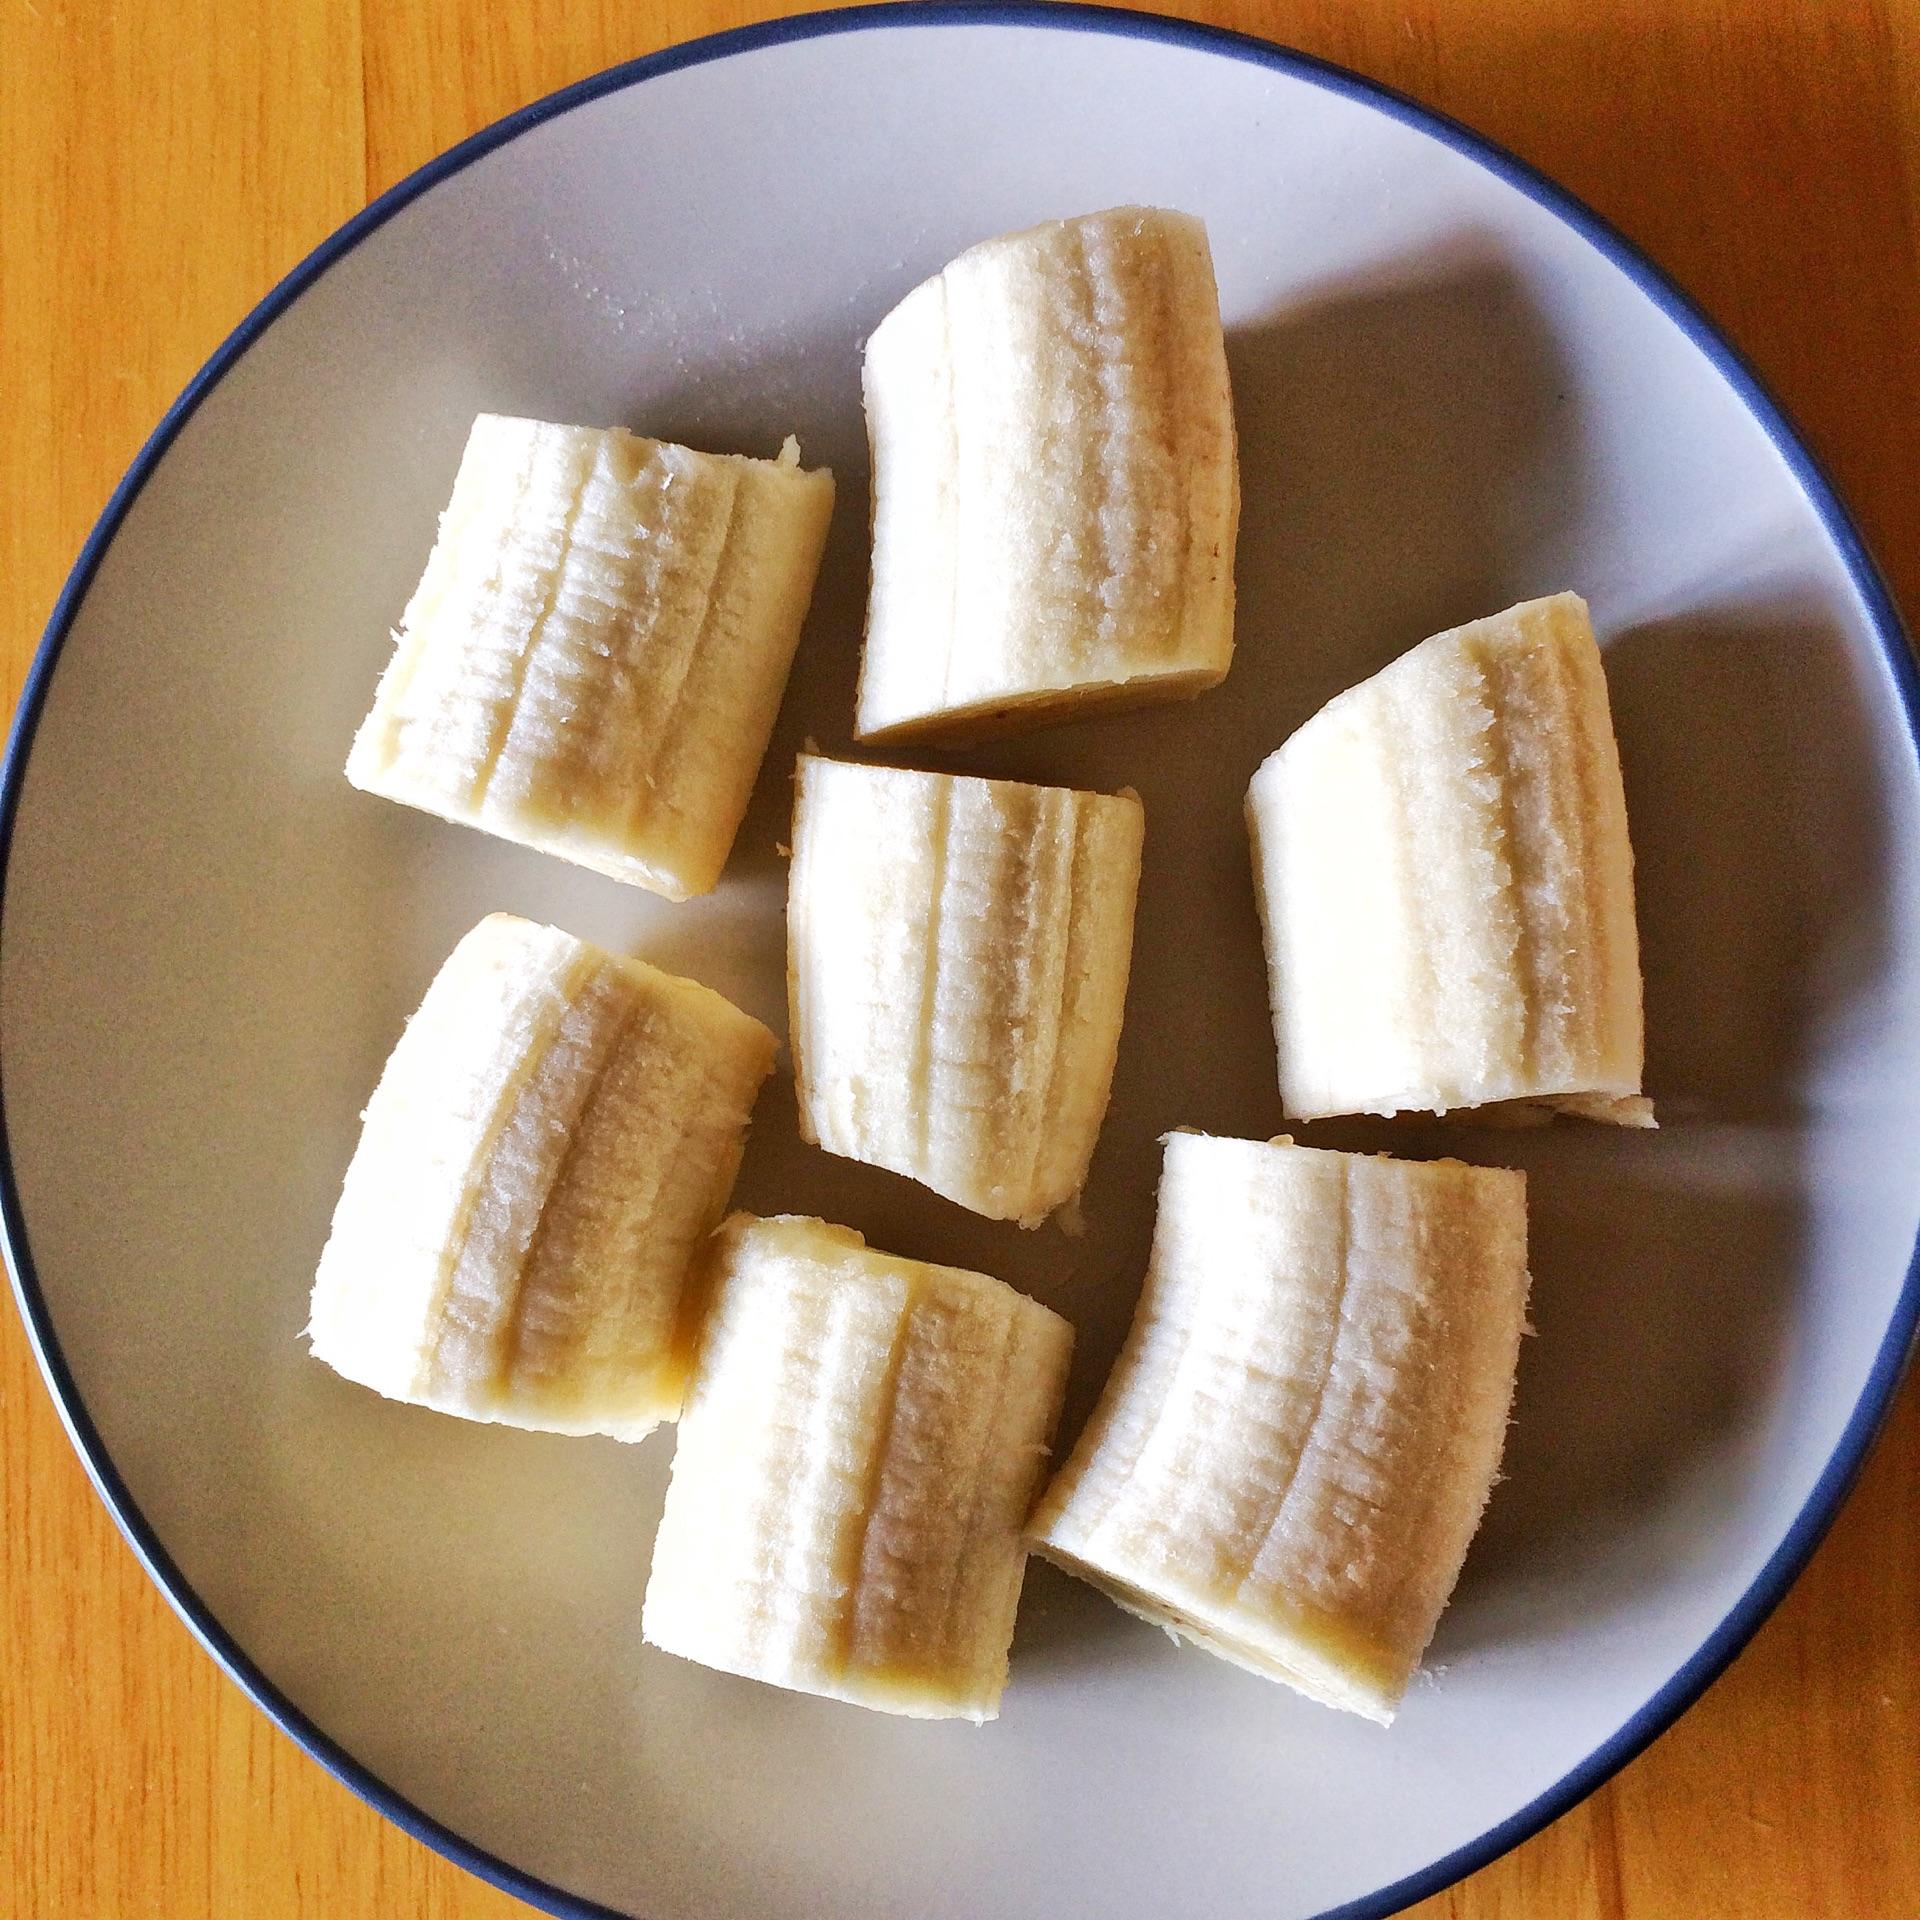 燕麦炸香蕉的做法图解2